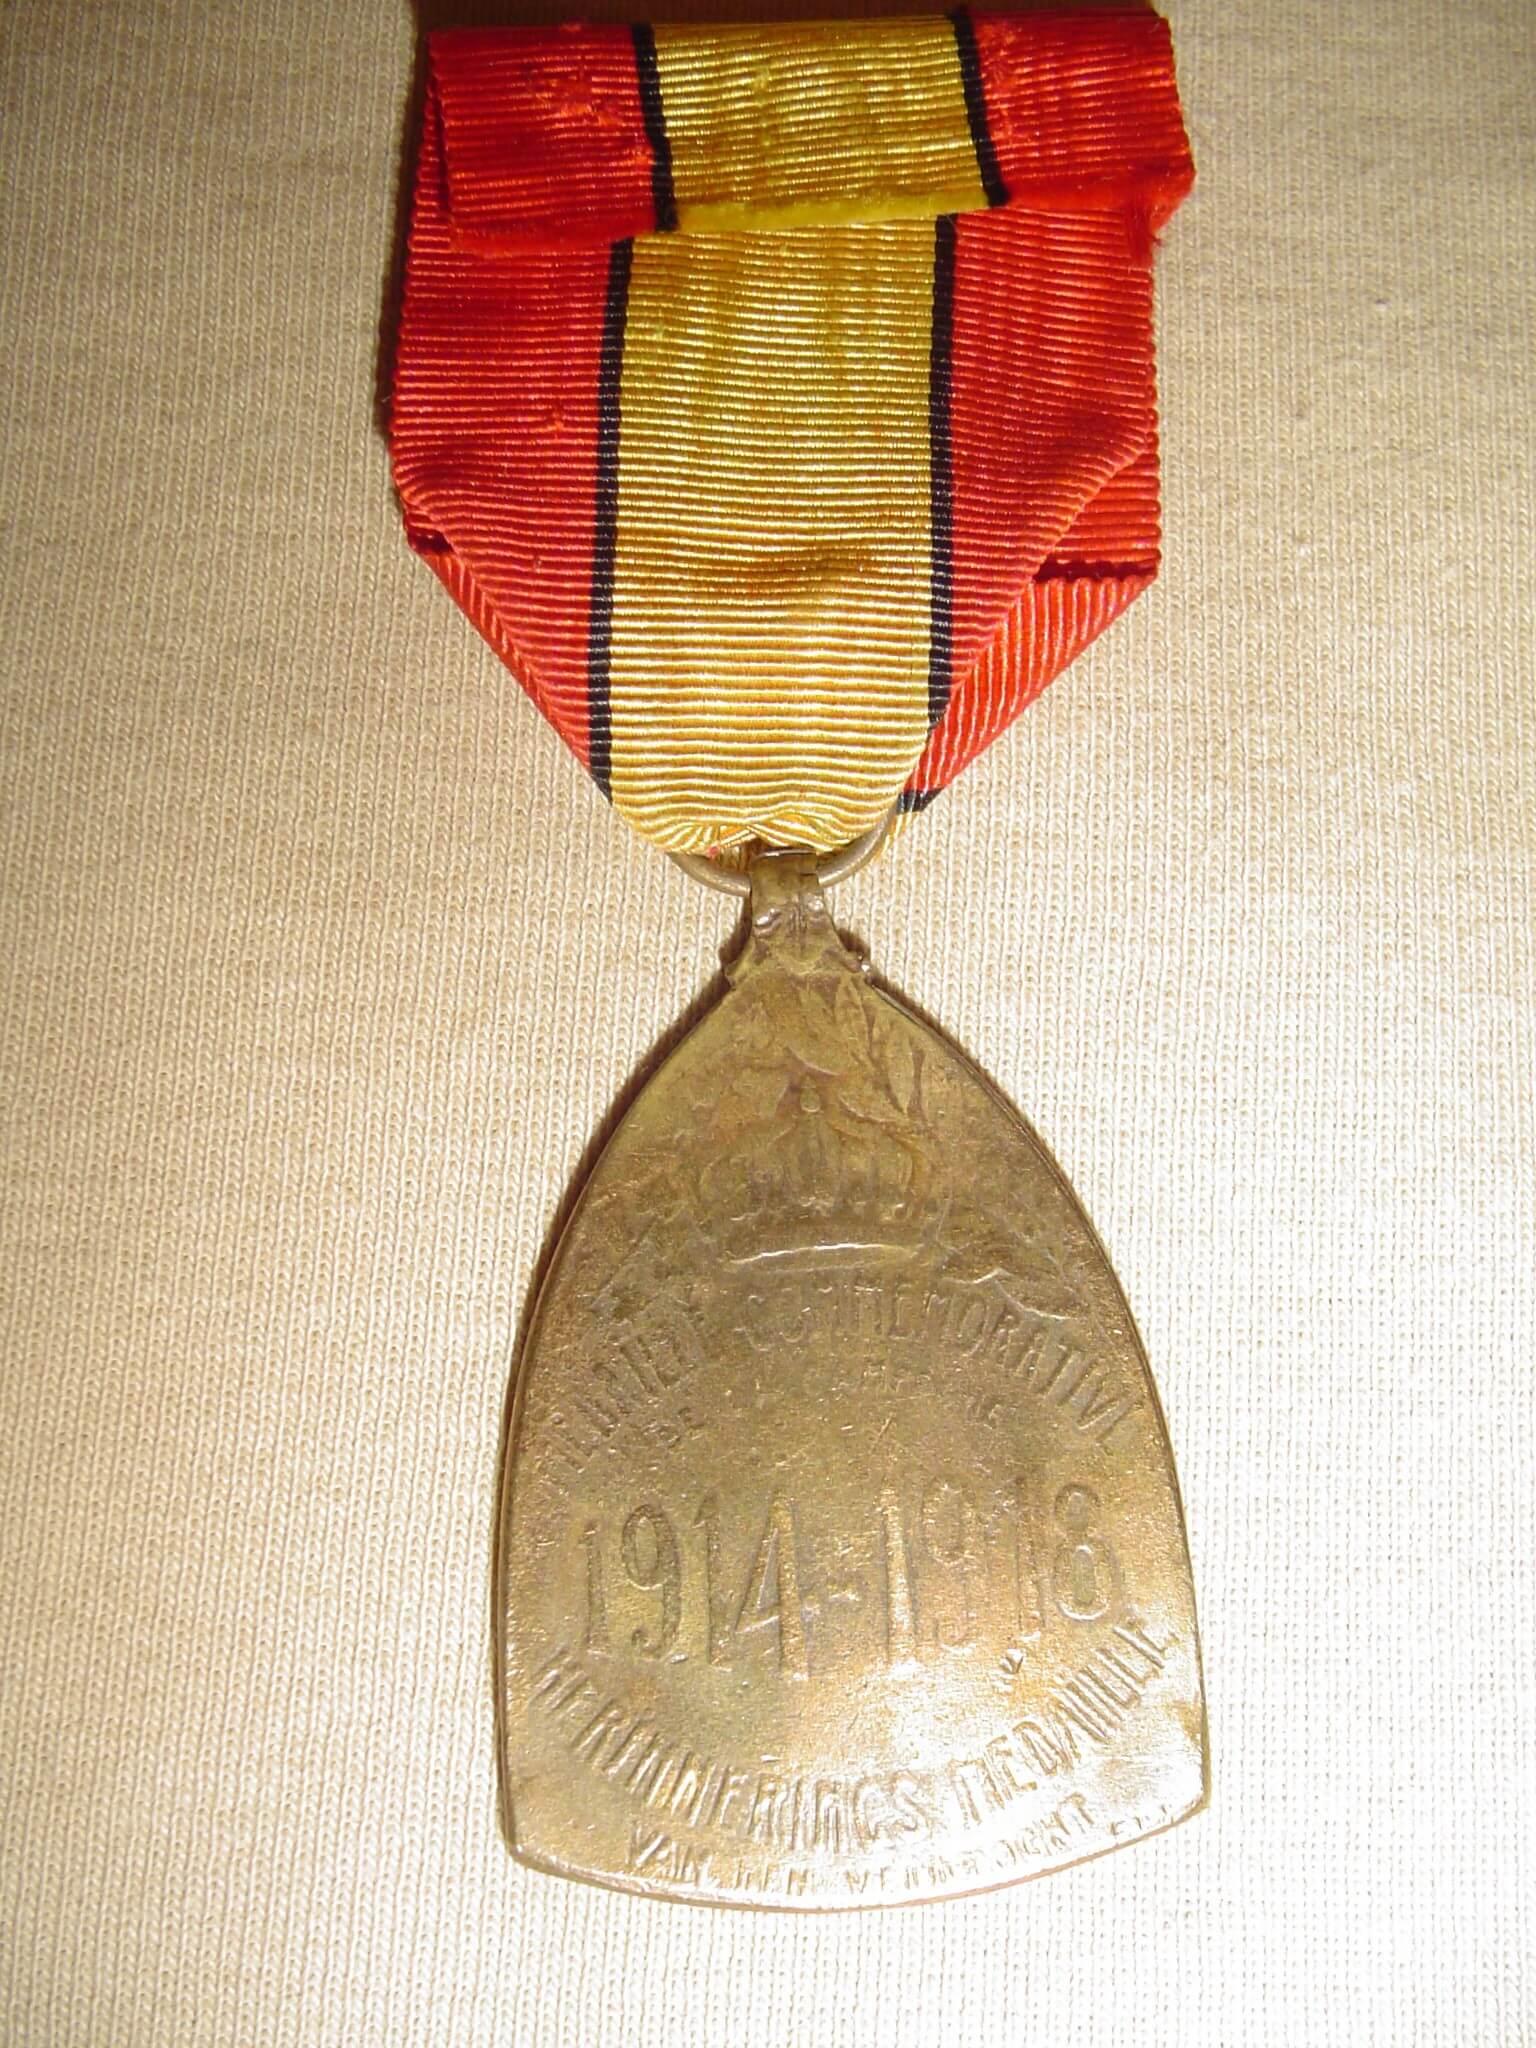 Wo1 Oorlogsherinnerings medaille 1914-1918 Belgie eerste wereldoorlog